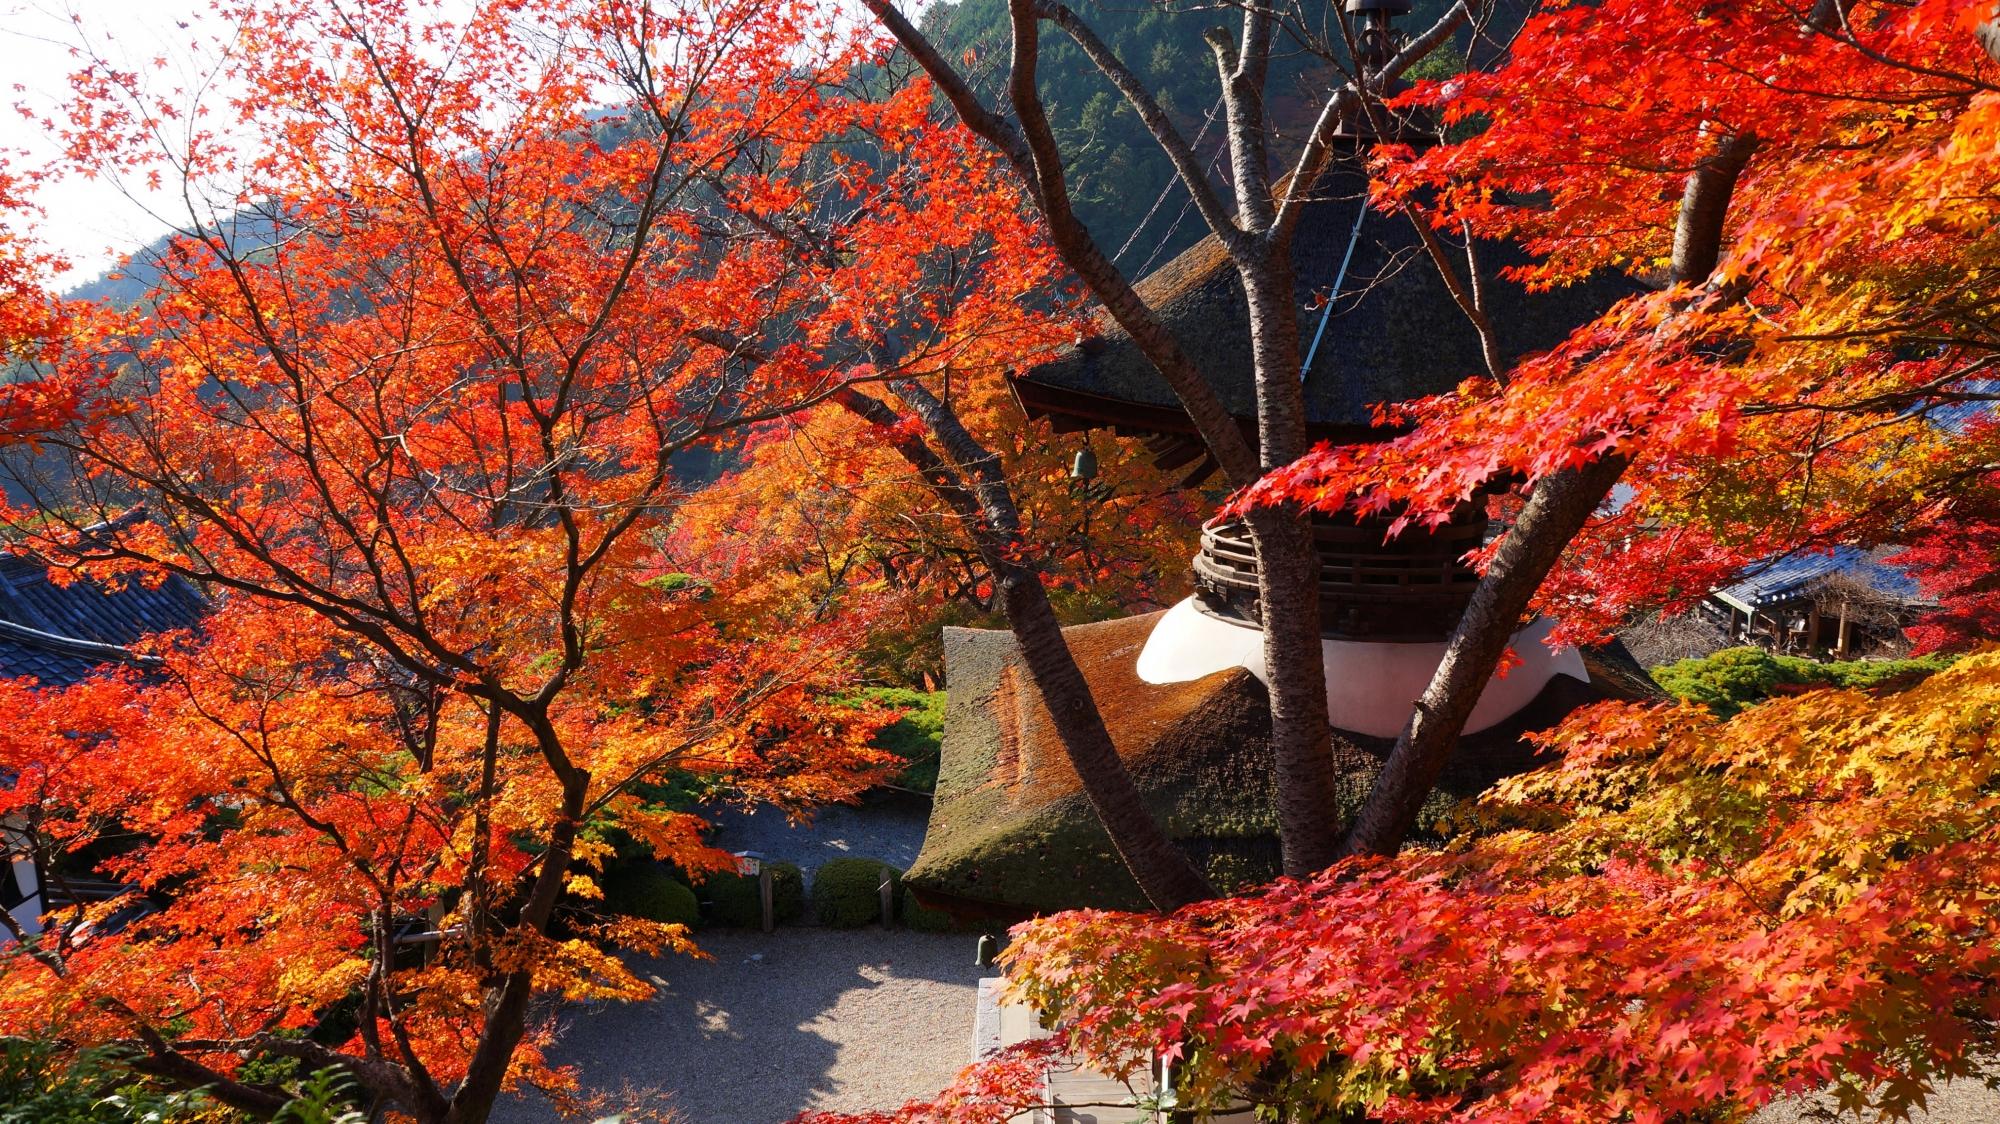 善峯寺の桂昌院廟から眺めた多宝塔と紅葉